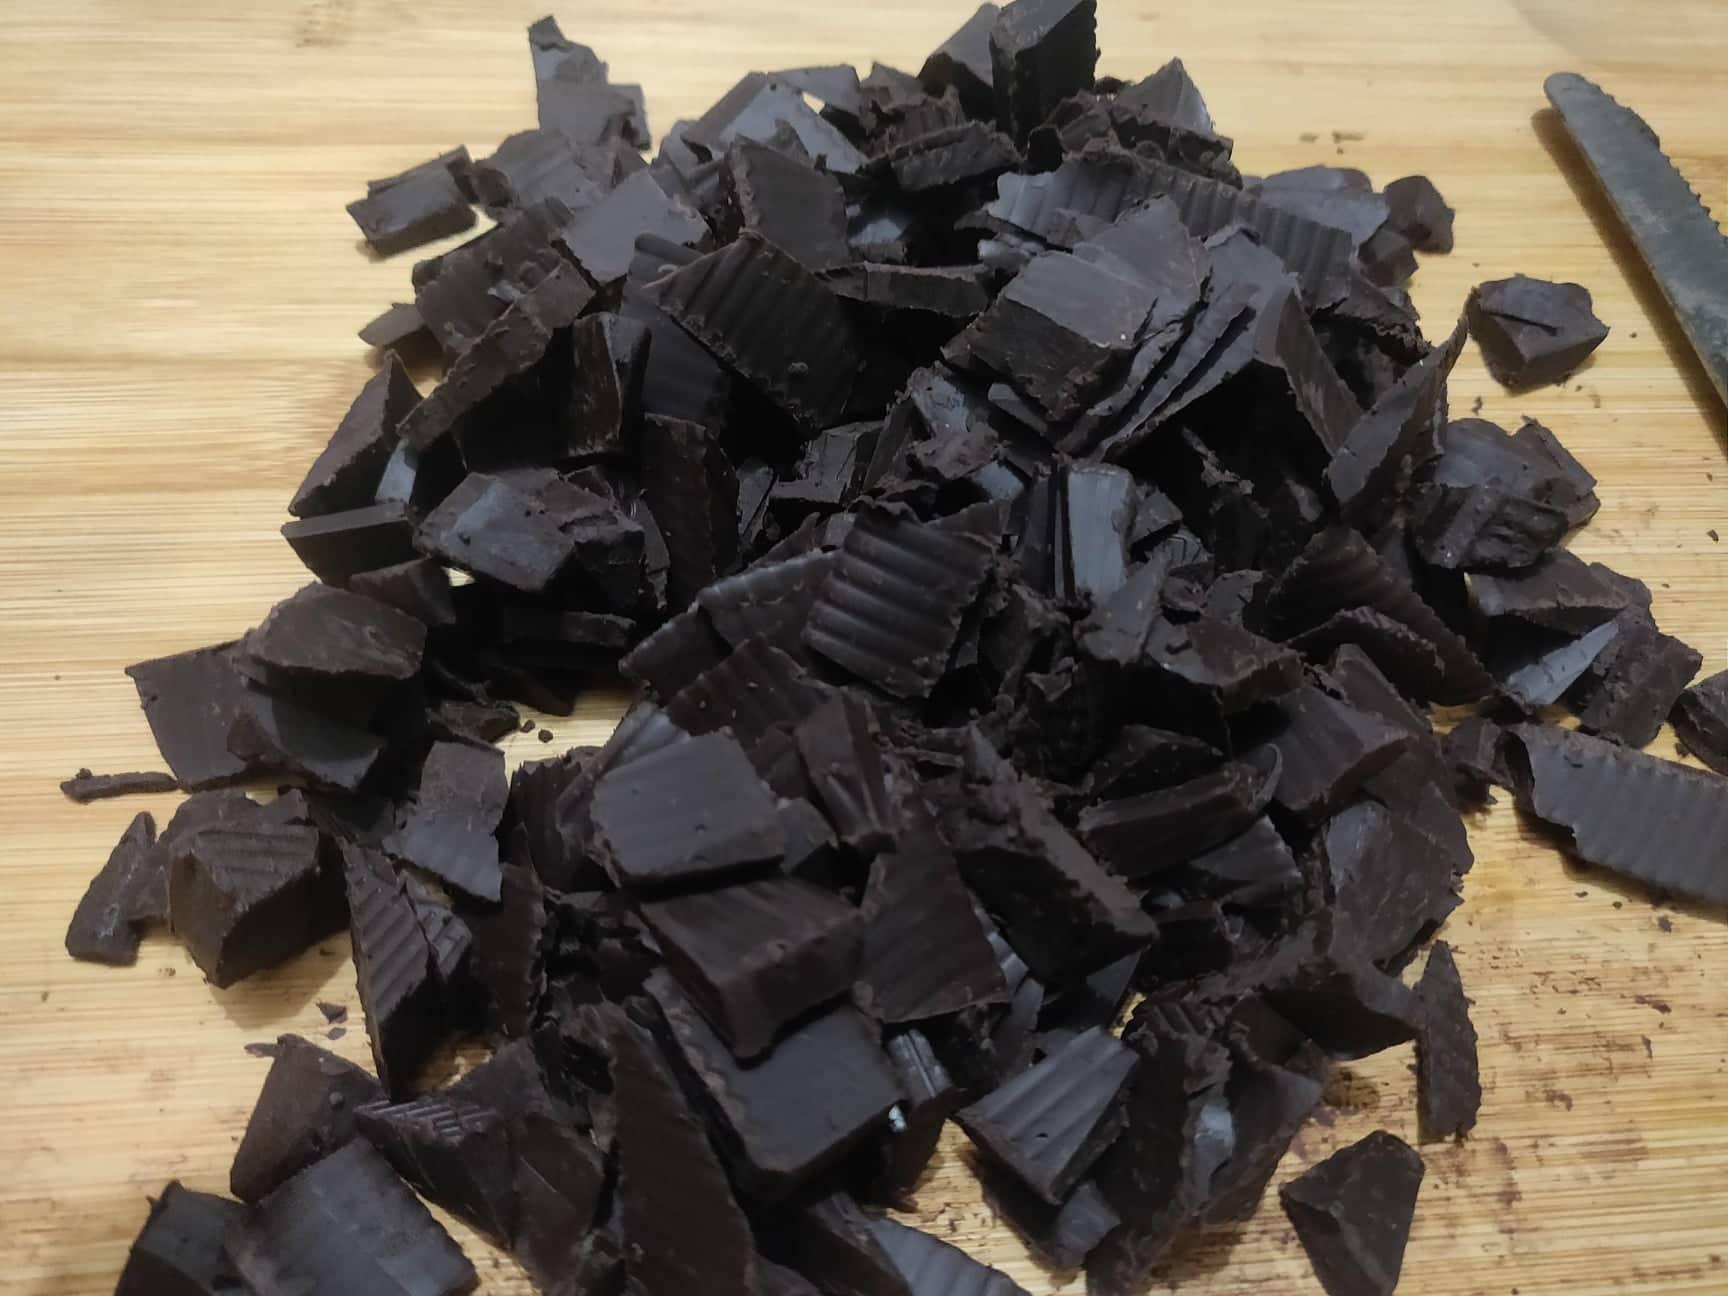 dark_chocolate_truffles - 120251471_2812873918944933_5801490438698808191_n